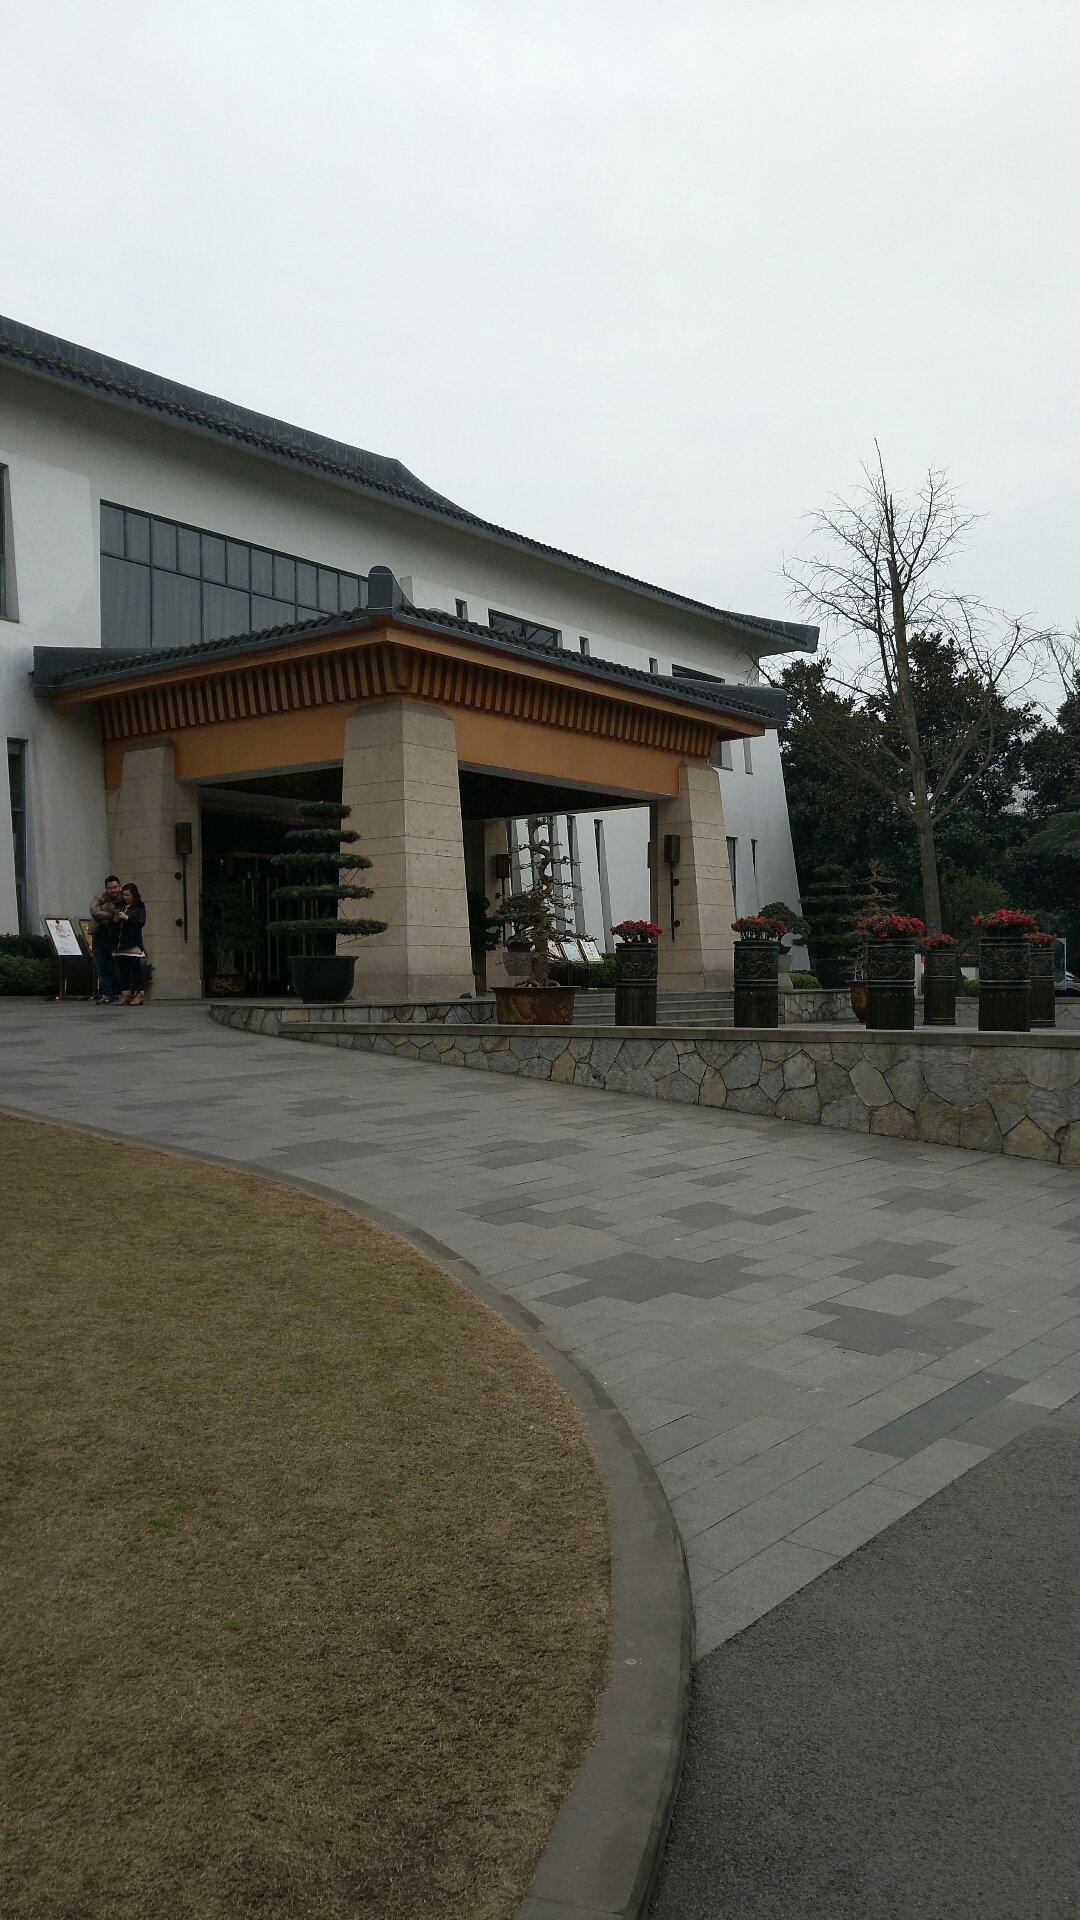 重庆市九龙坡区农科大道靠近鸭厂堡天气预报